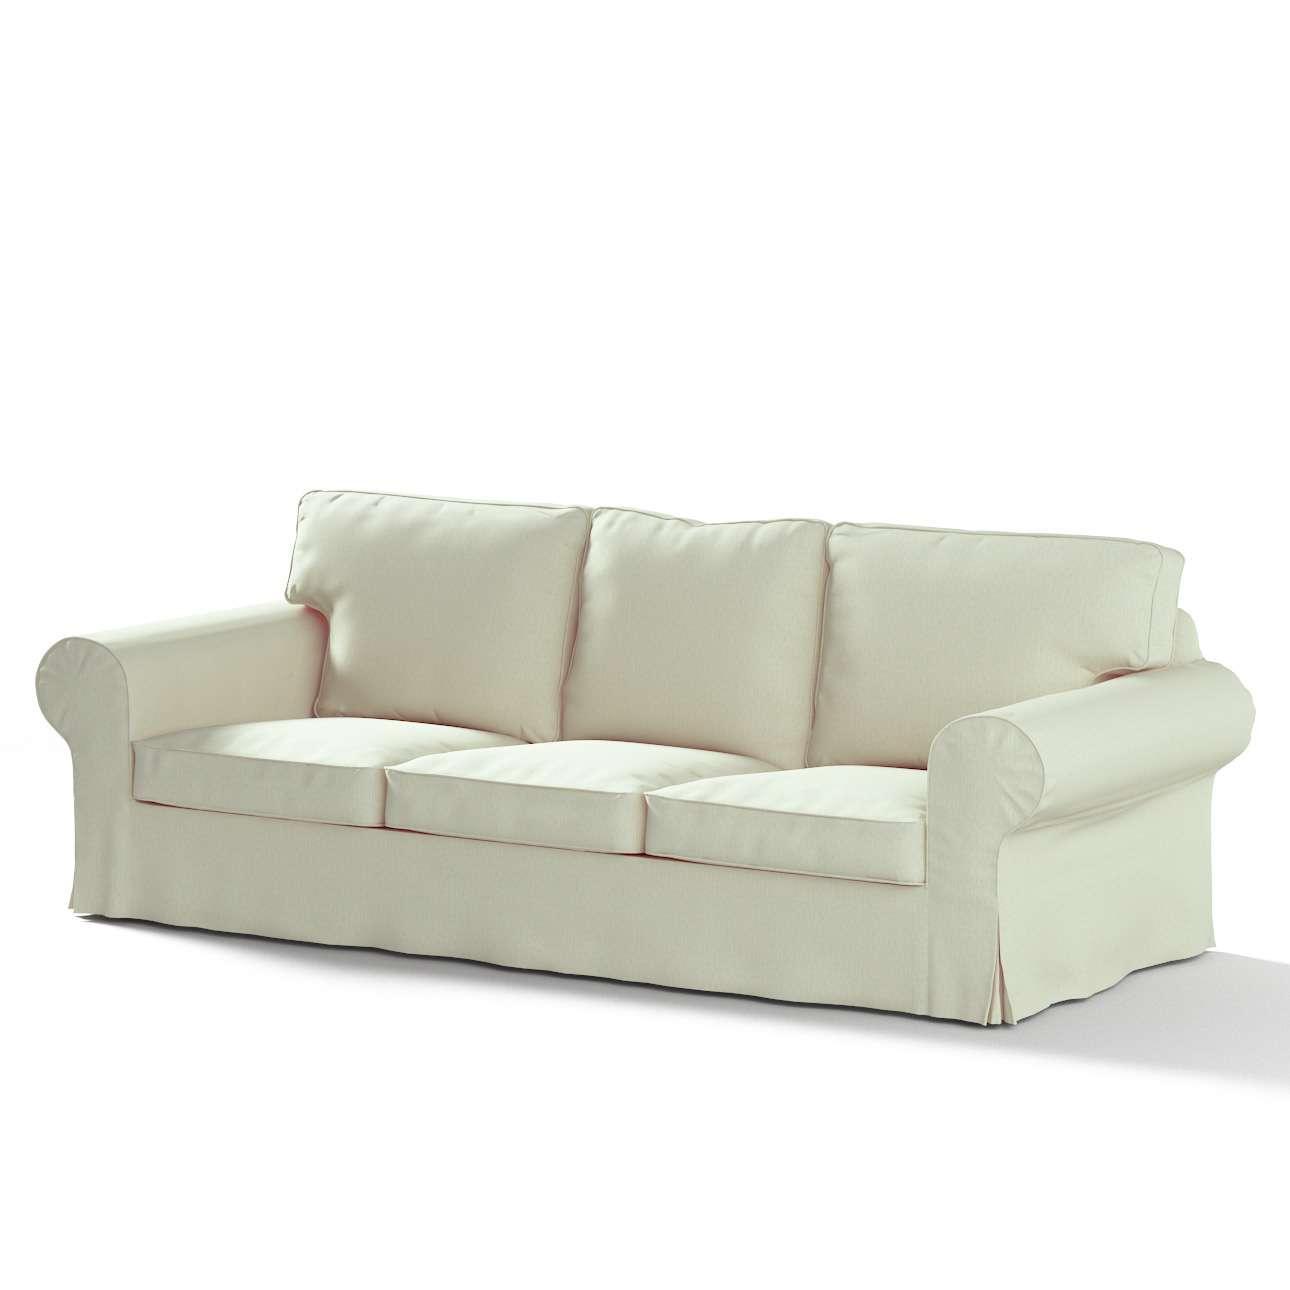 Ektorp 3 sæder Betræk uden sofa fra kollektionen Chenille, Stof: 702-22